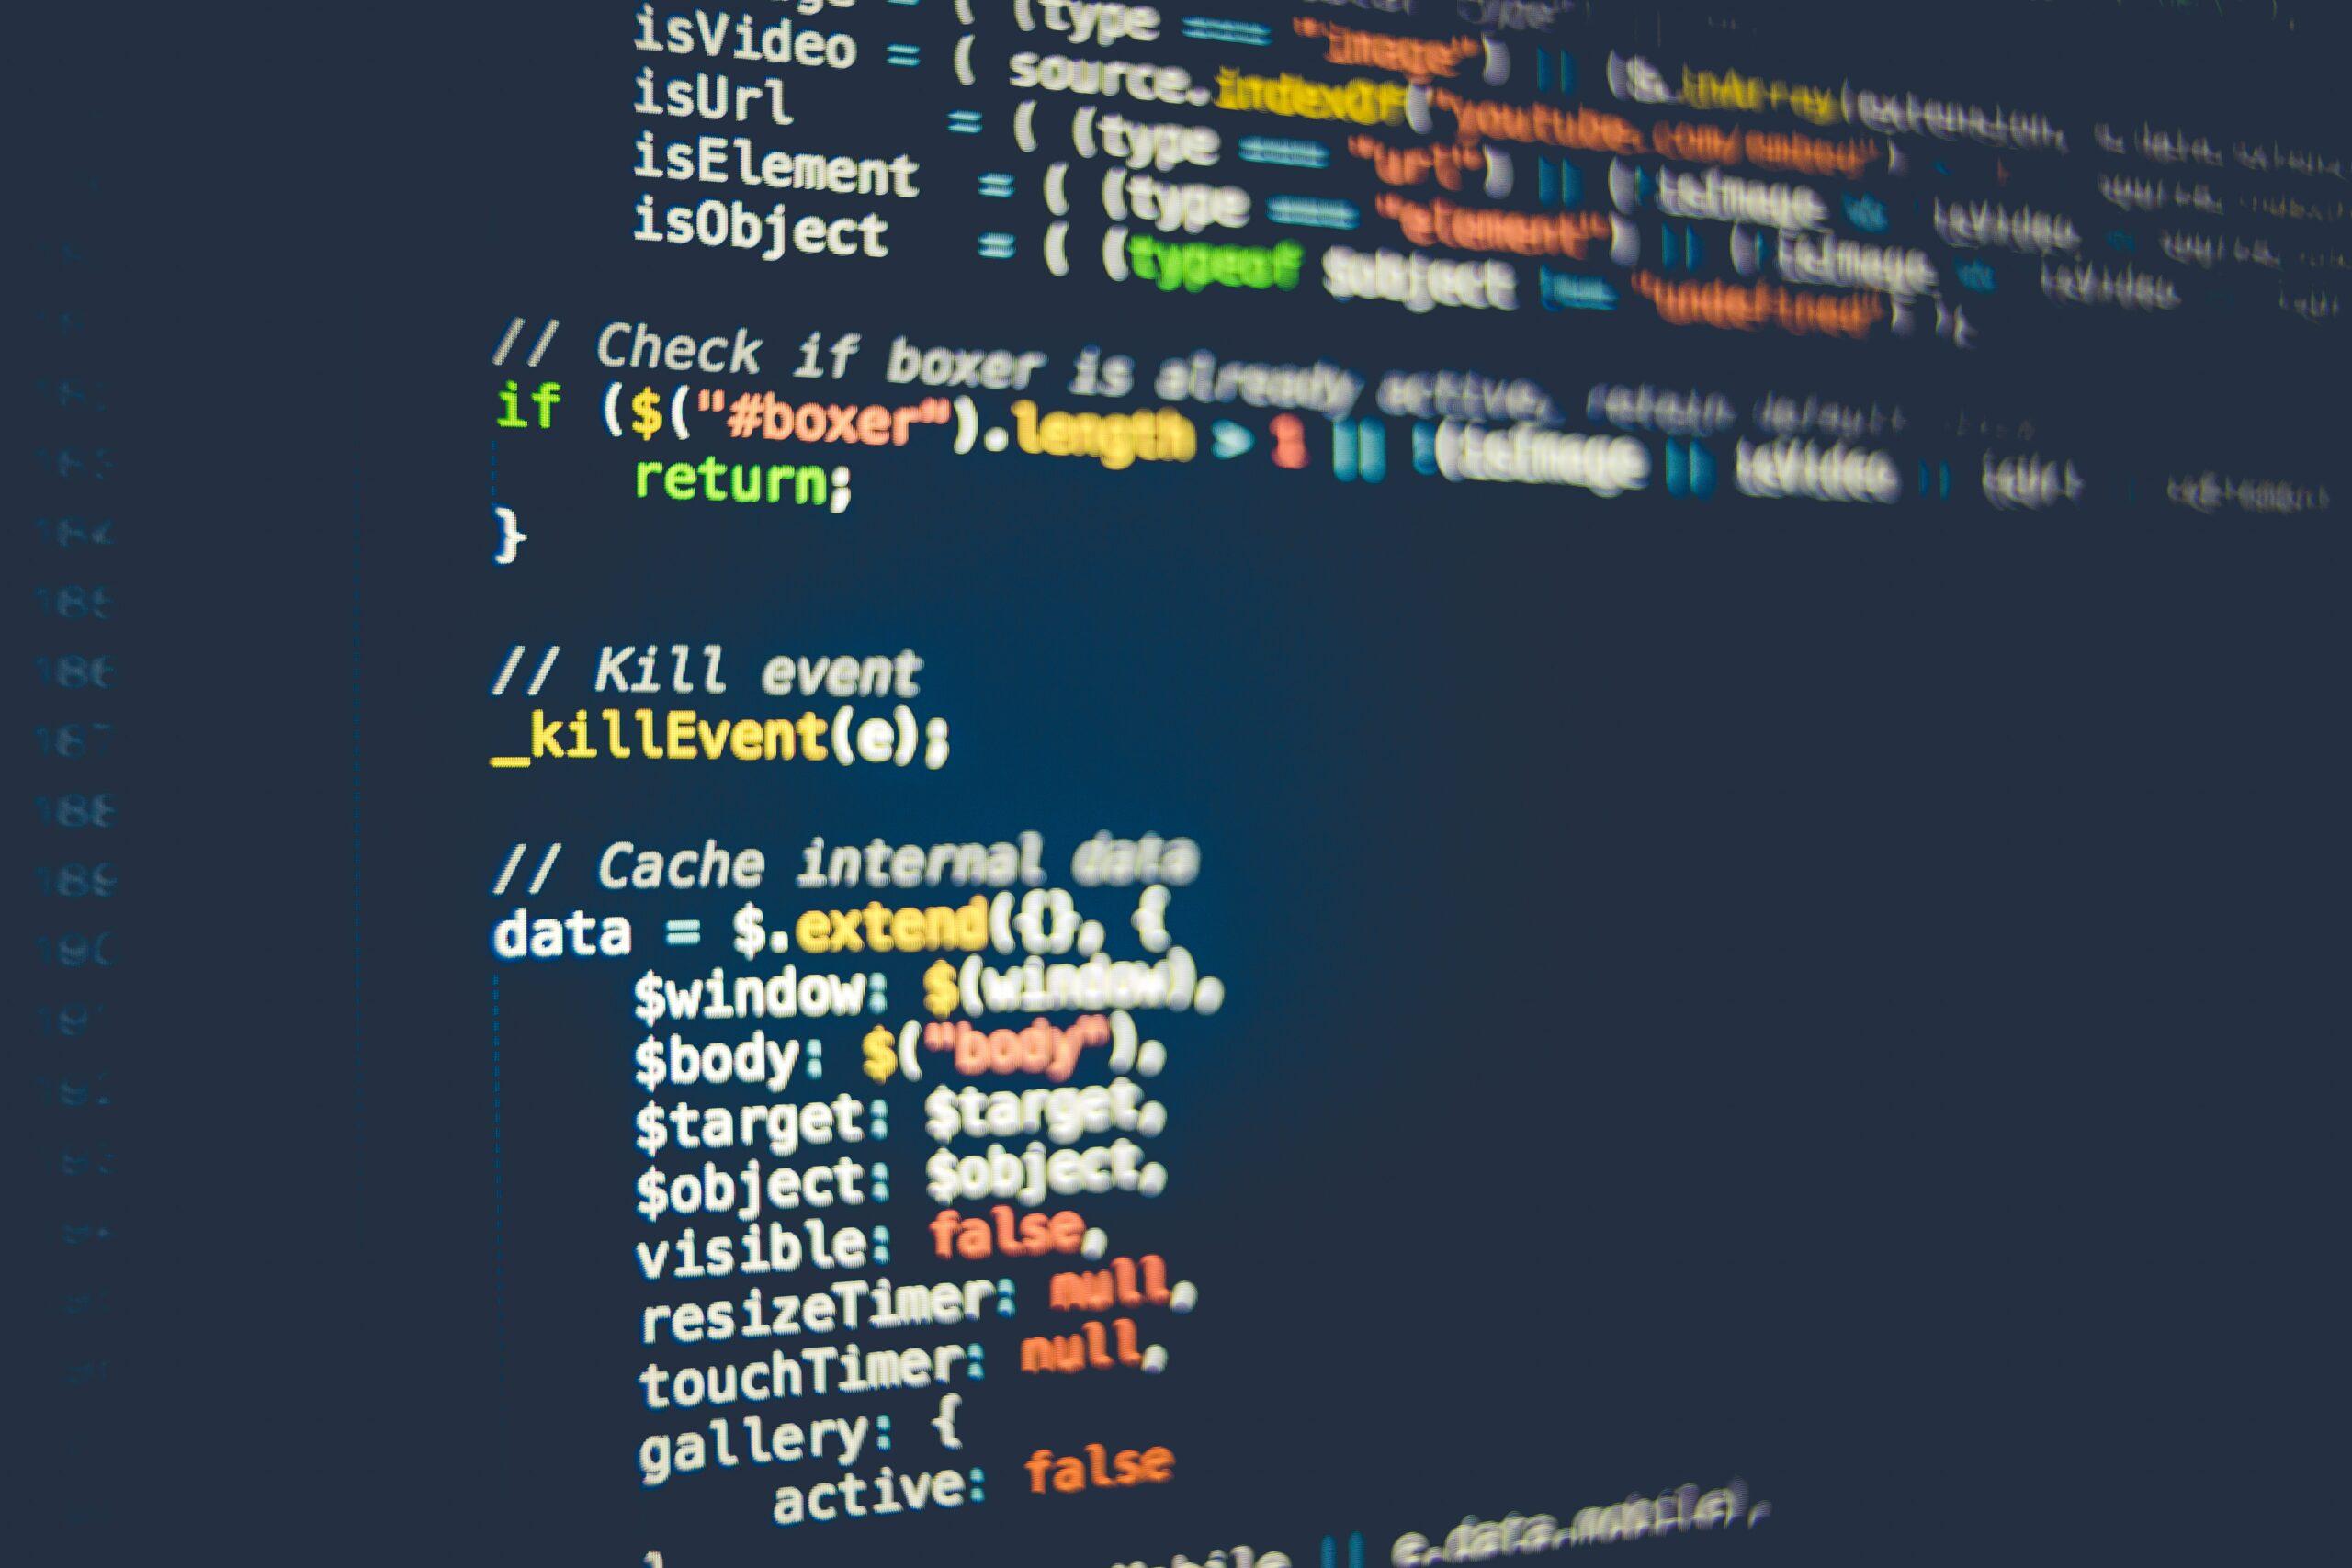 NIST : Nouvelle consultation publique sur les biais en IA jusqu'au 5 août 2021